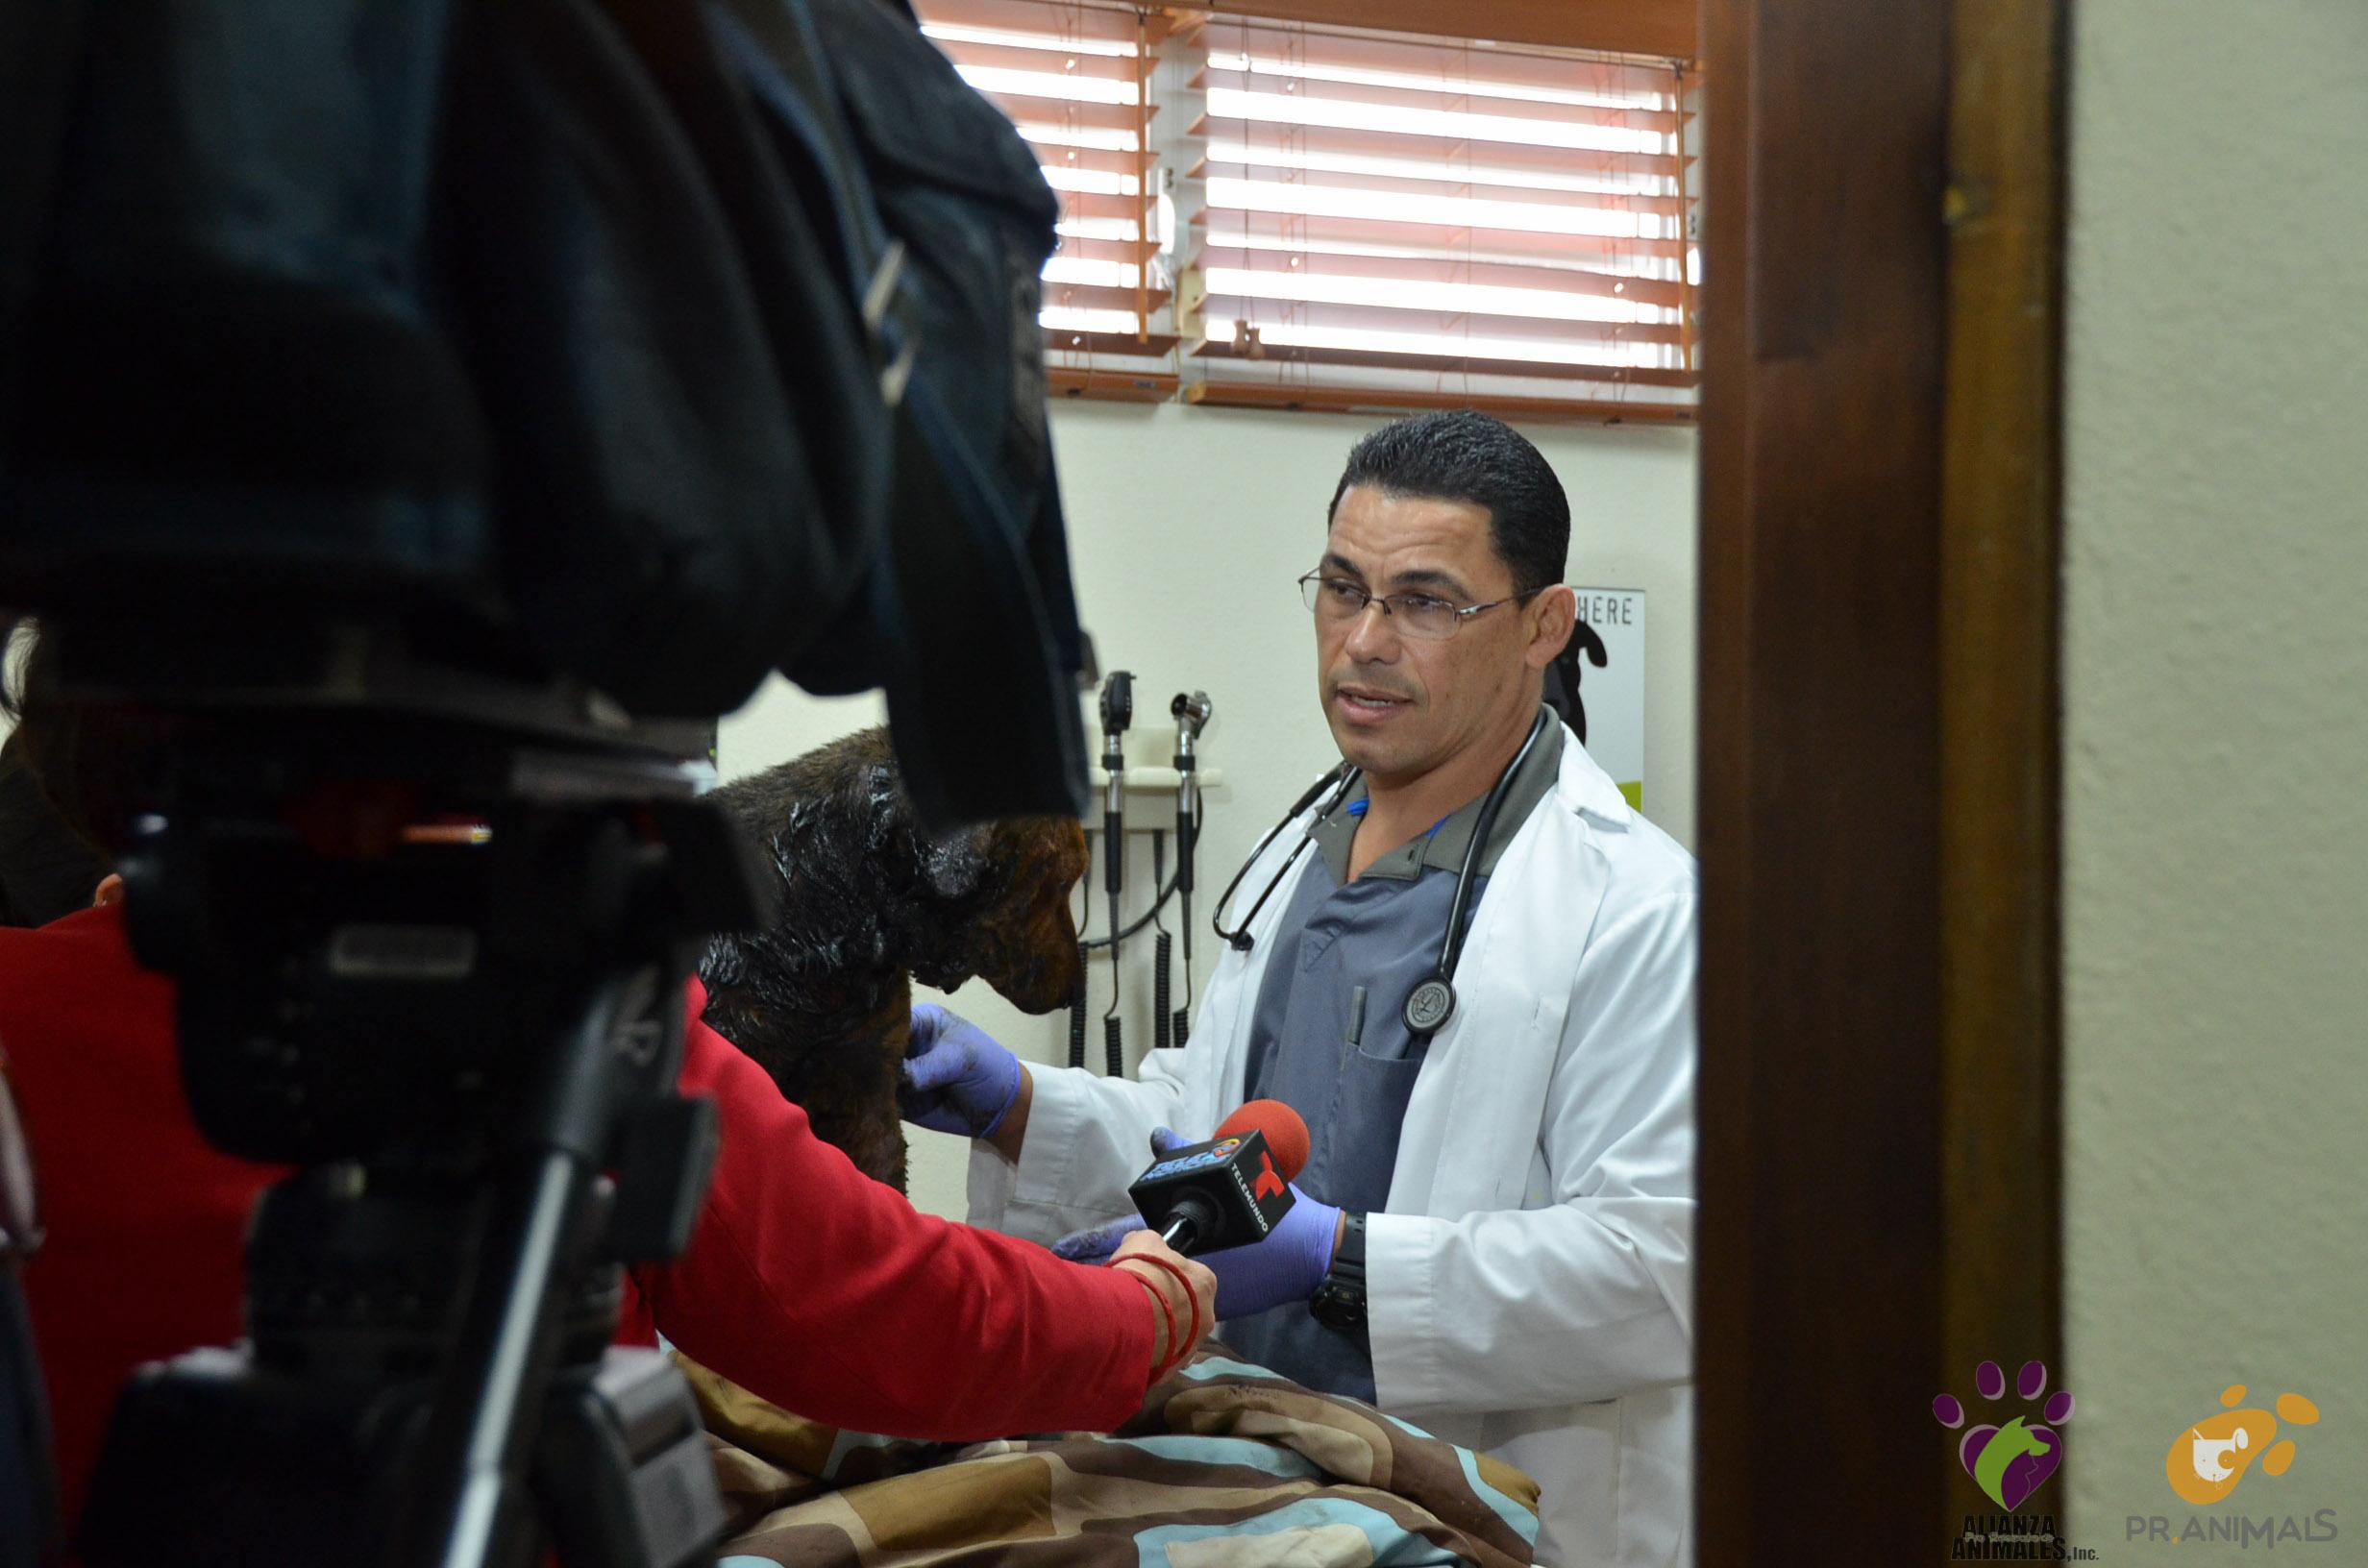 Entrevista con el Dr. Cruz